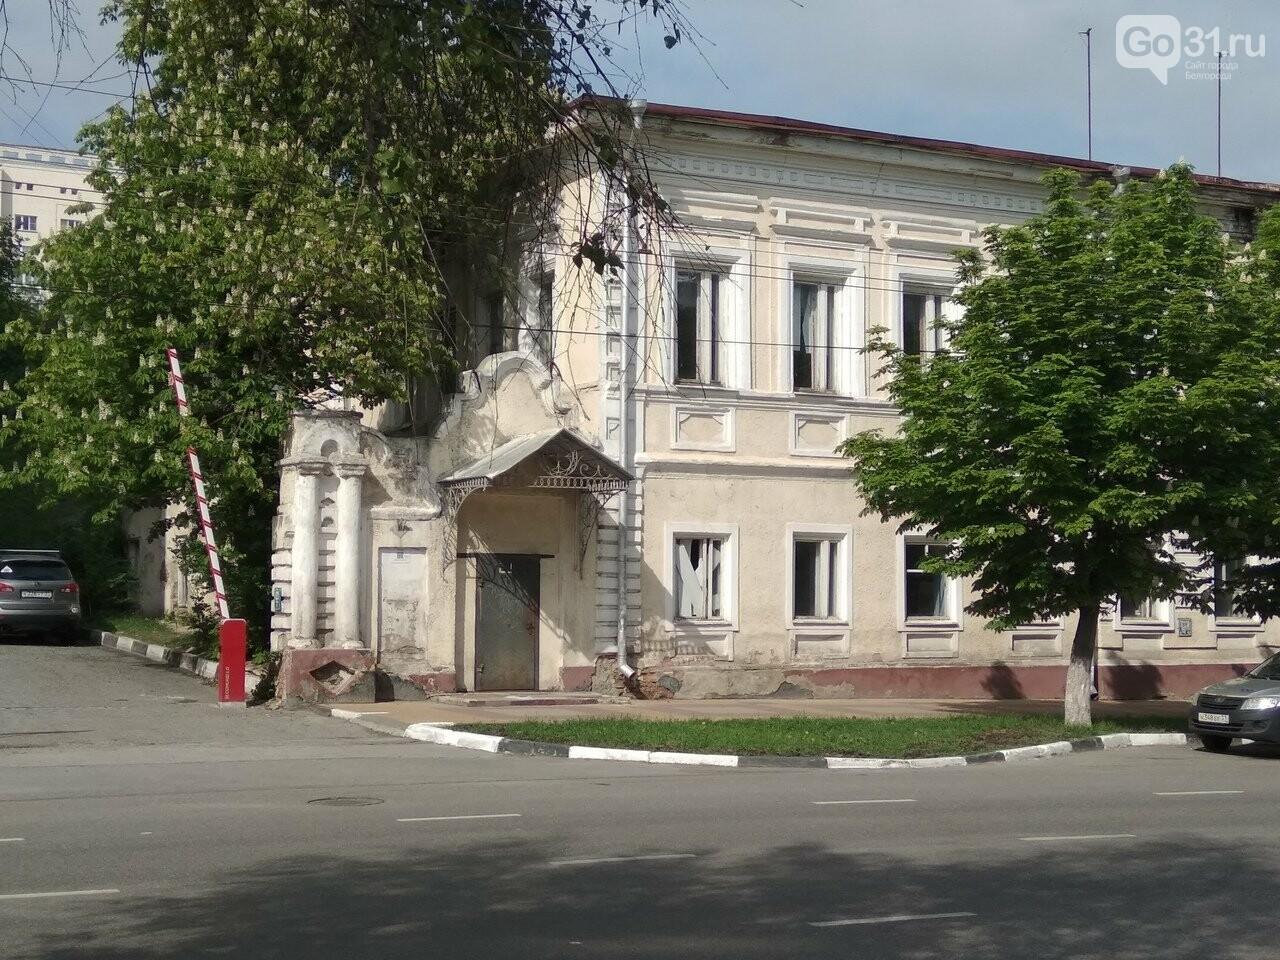 В Белгороде ищут инвестора для реставрации здания женской гимназии Коротковой, фото-3